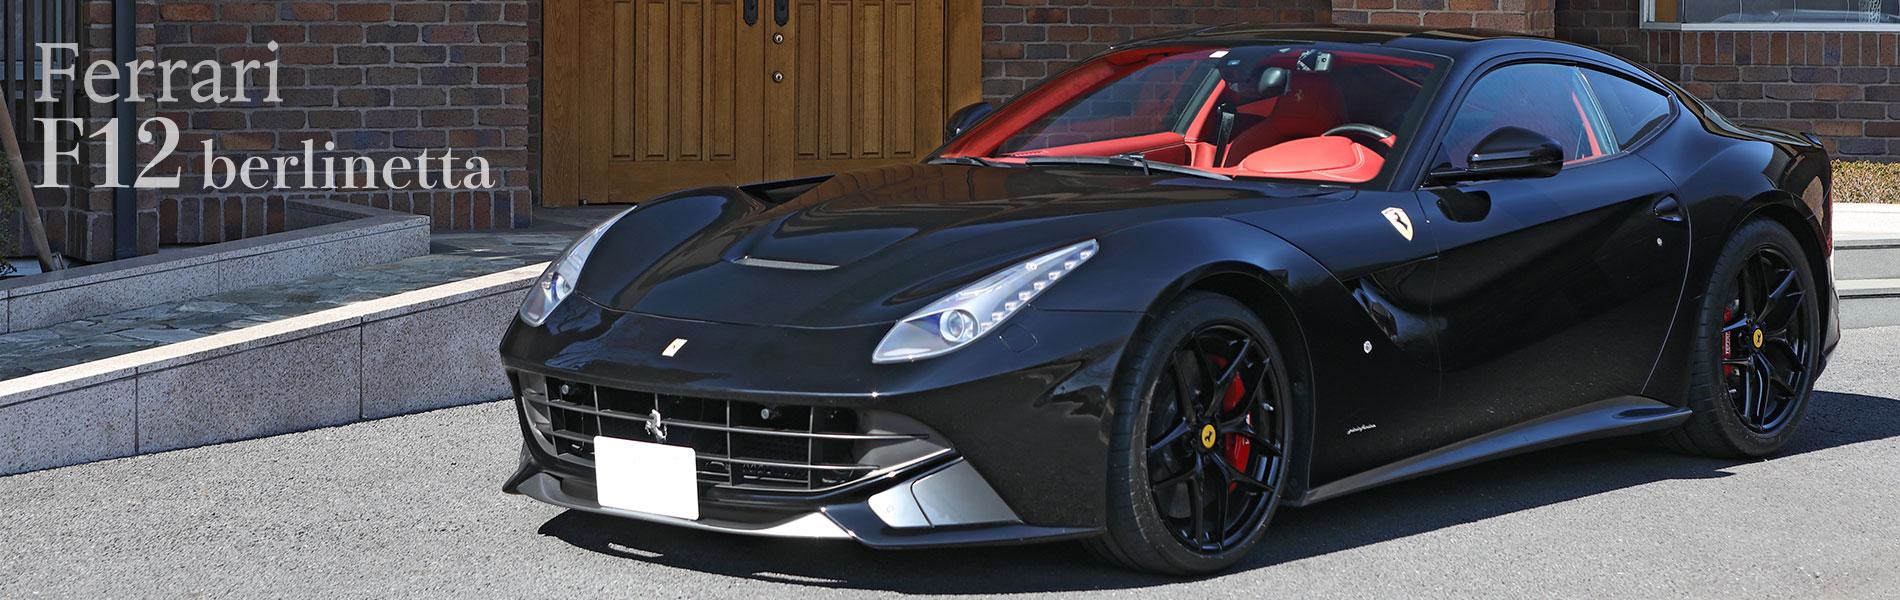 フェラーリF12ベルリネッタ 販売